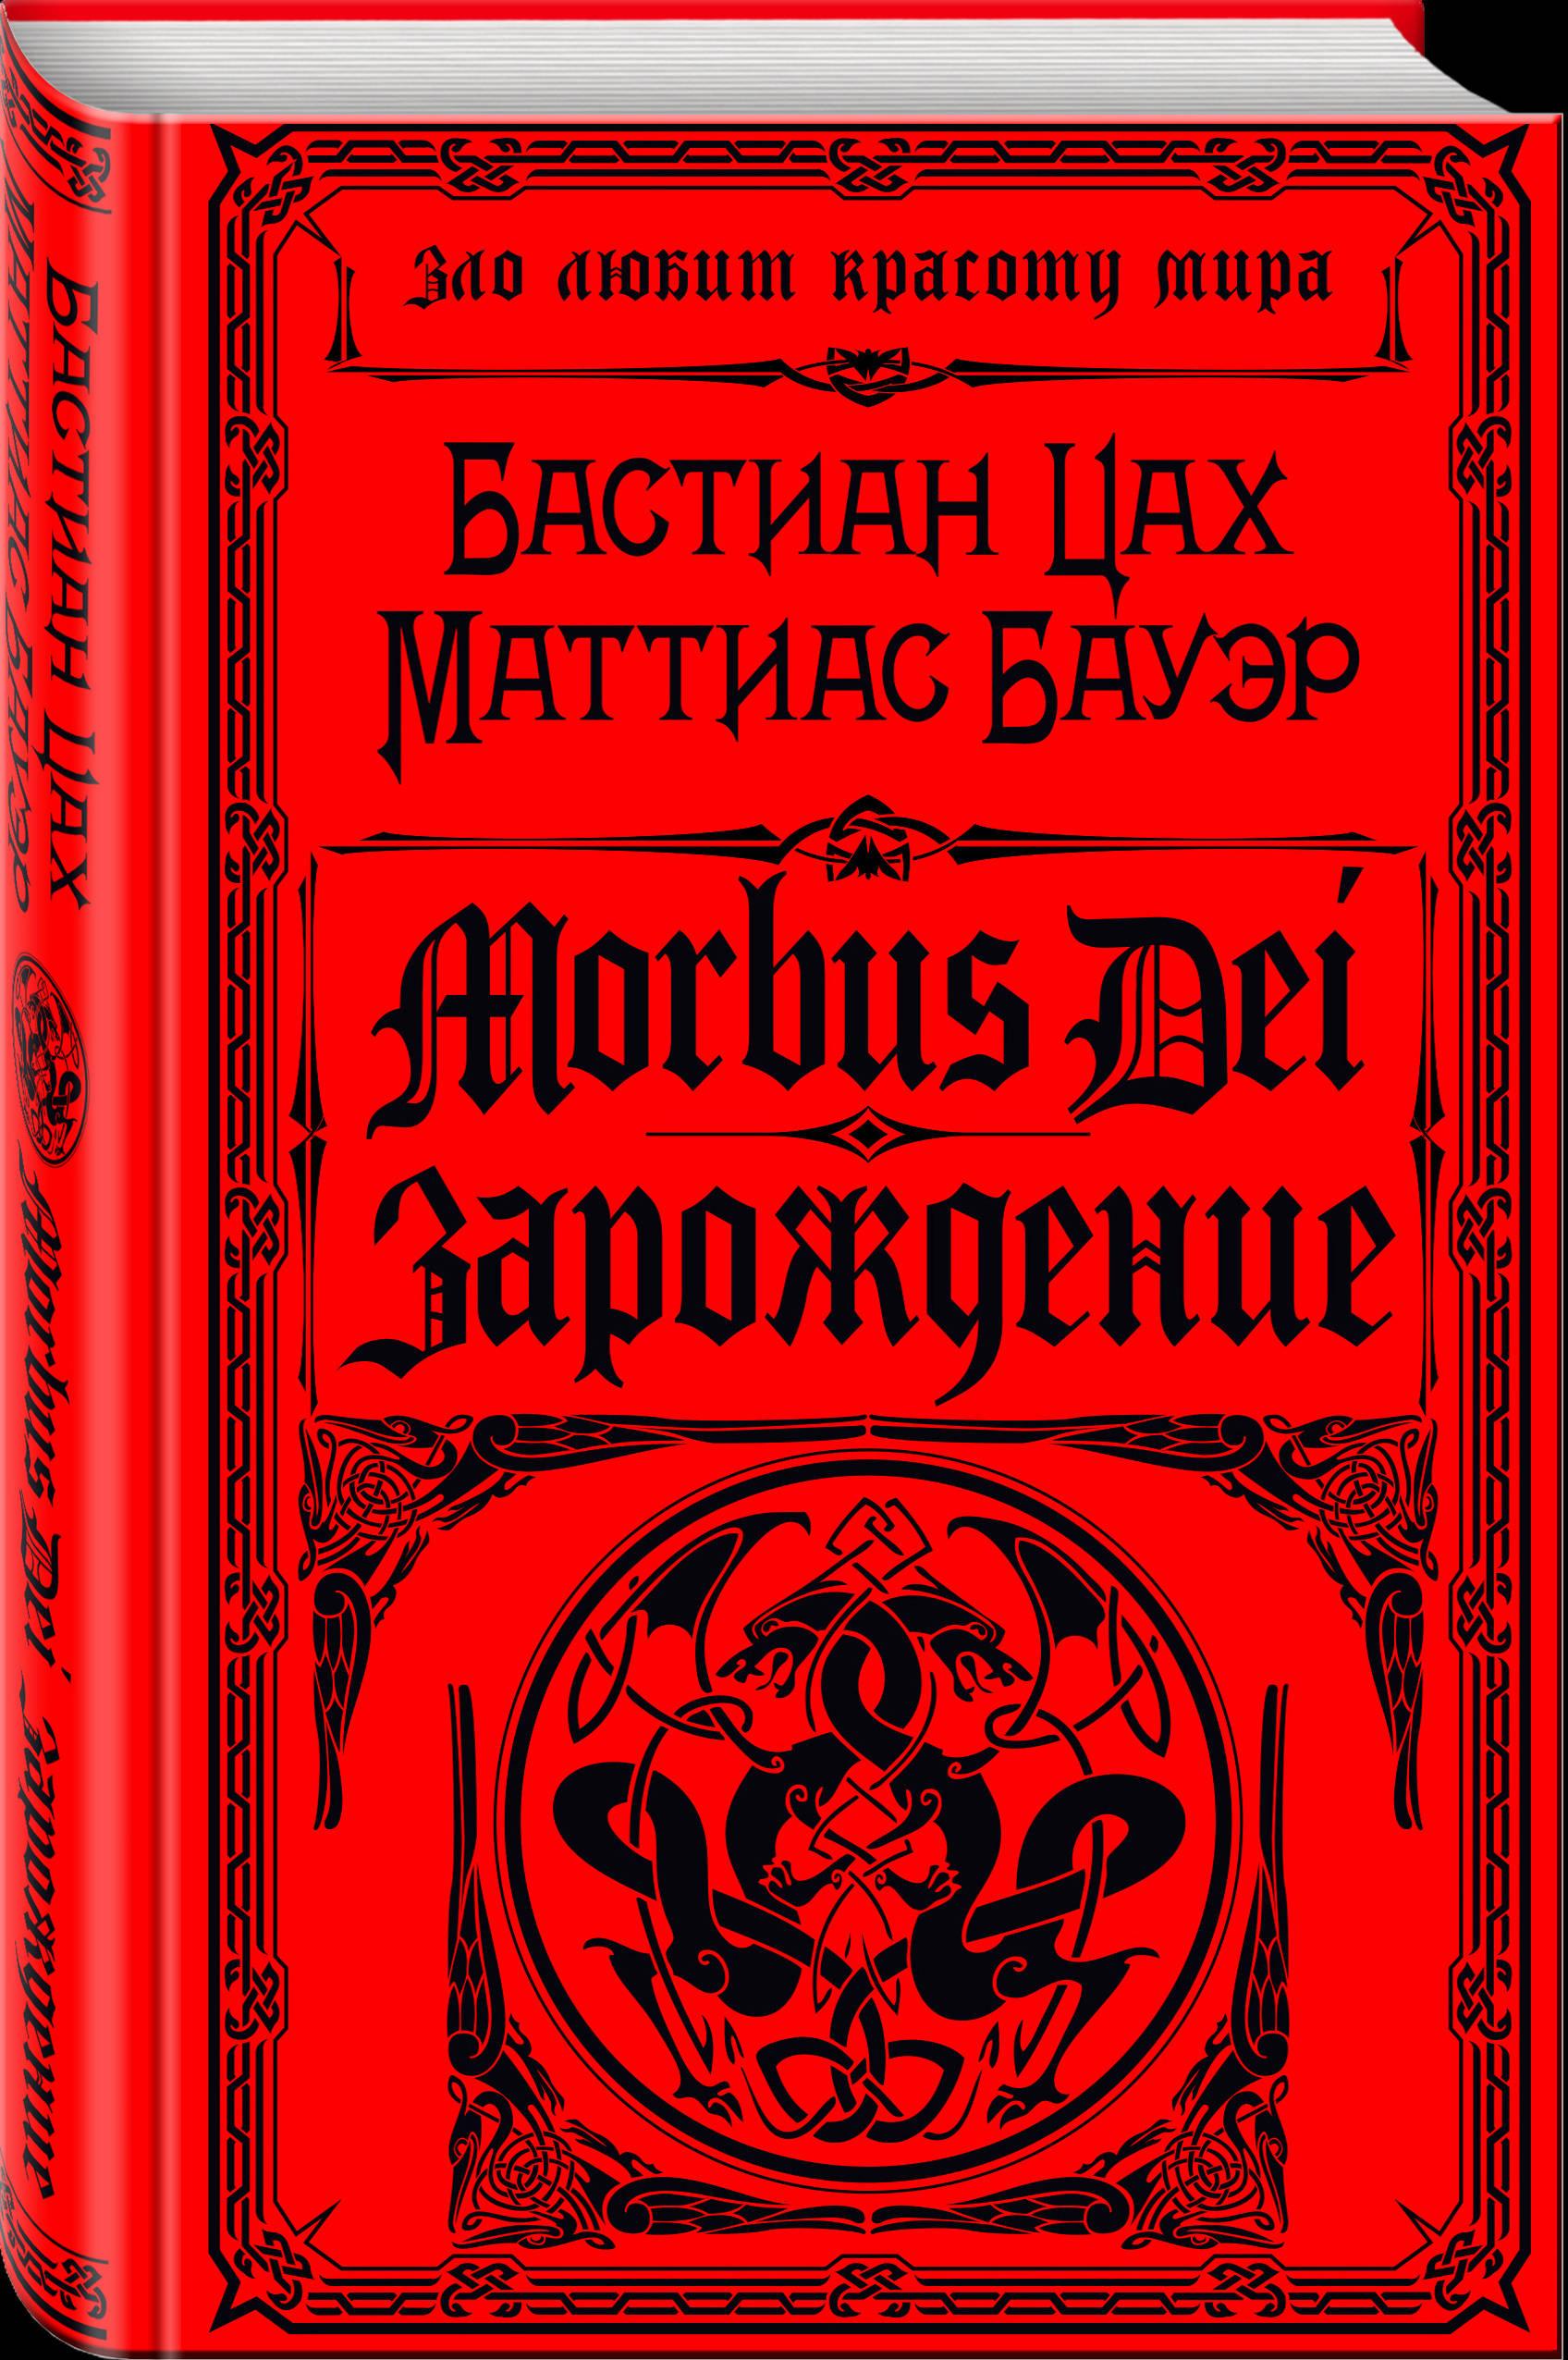 Бастиан Цах, Маттиас Бауэр Morbus Dei. Зарождение